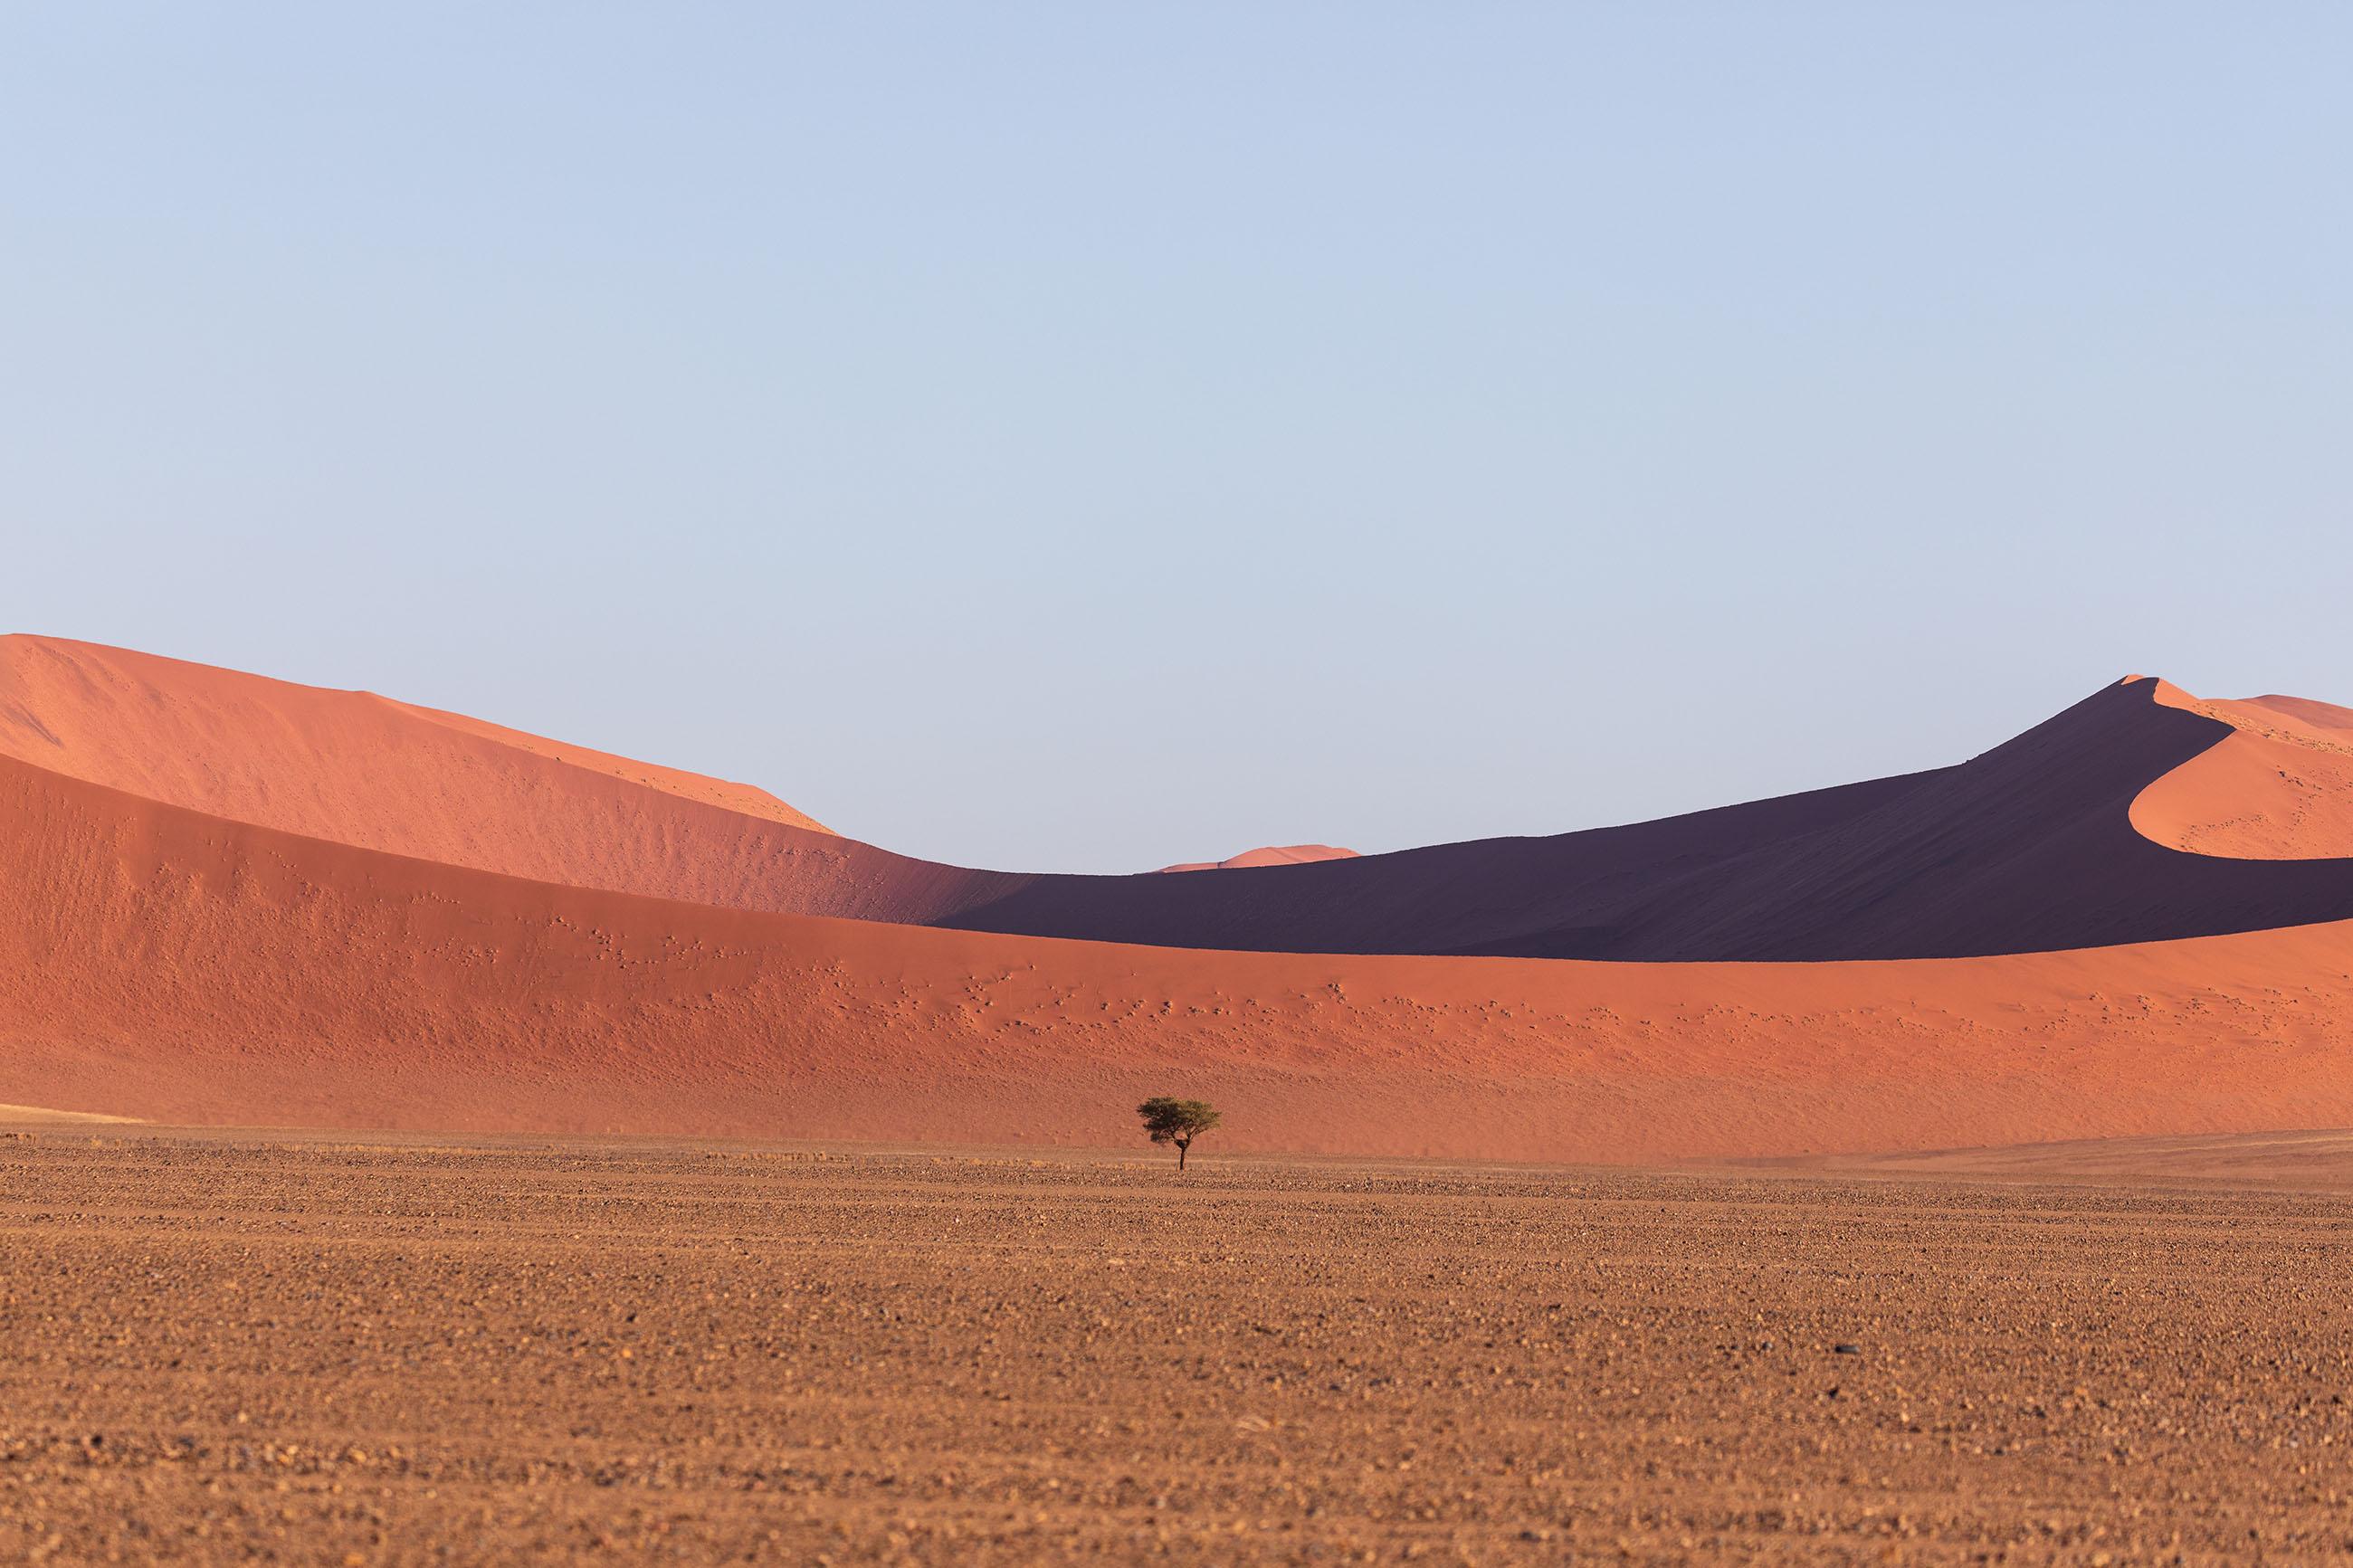 Tree in Namib Desert - The Moving Lens